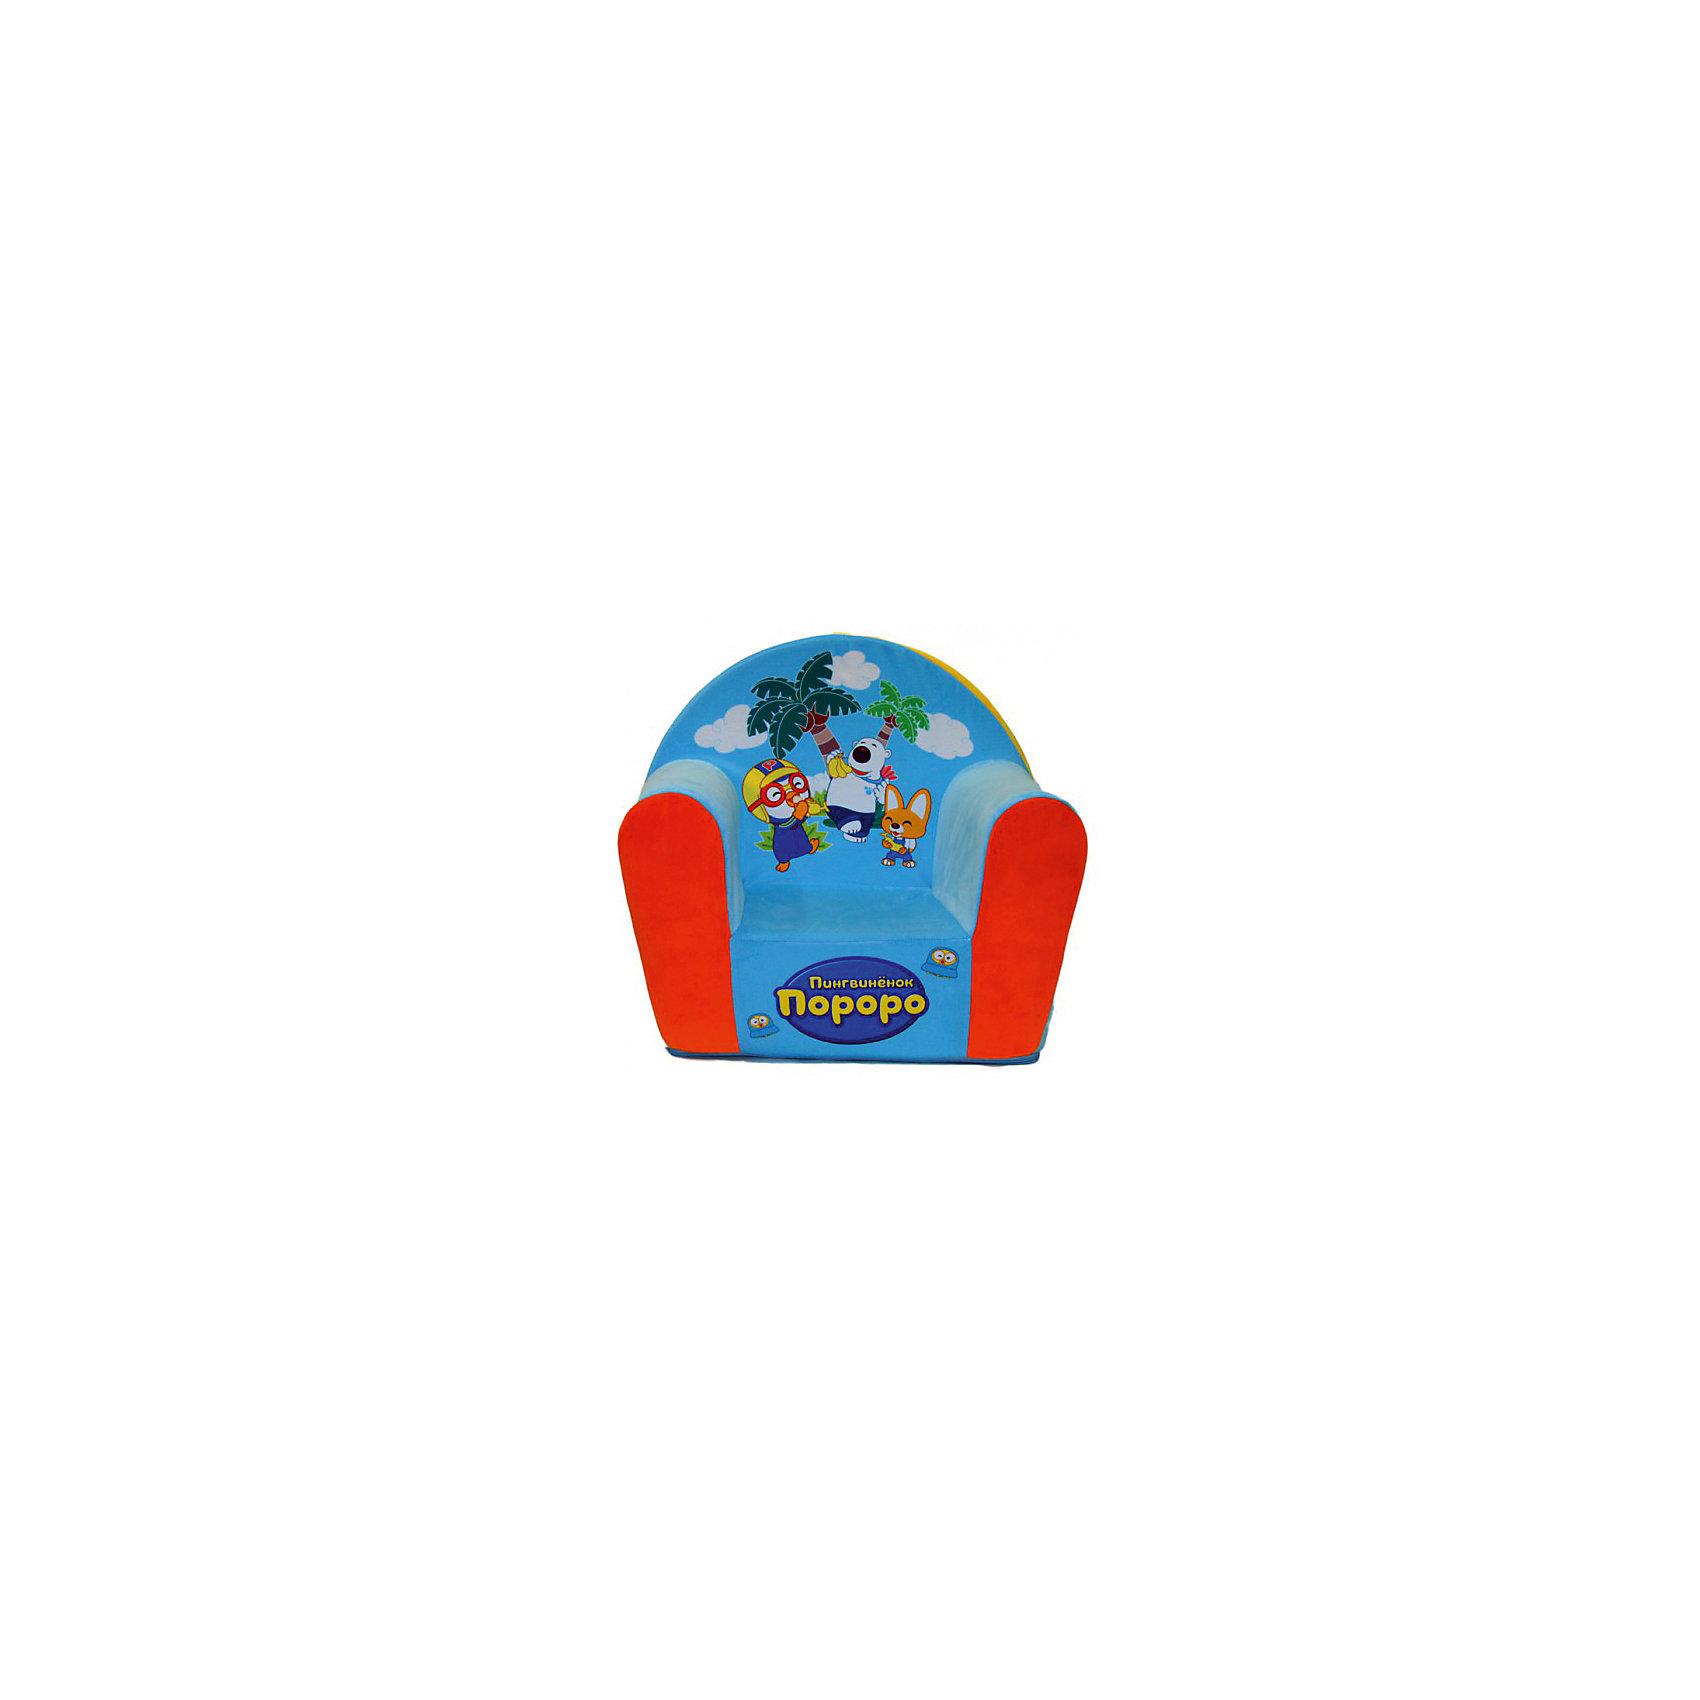 Мягкое кресло с чехлом Пороро в50, СмолТойс, голубойМебель<br>Думаете, чем порадовать ребенка? Подарите это кресло! Детям очень важно иметь свои вещи, это касается не только посуды и игрушек, но и мебели. Именно поэтому такое кресло станет действительно желанным подарком для малыша. Тем более, что на нем есть изображение любимого мультяшного героя современных детей - пингвиненка Пороро.<br>Обивка кресла - мягкая и приятная на ощупь. Внутри предмет заполнен мягким пенополиуретаном! Кресло легкое, но устойчивое. Детям будет интересно и удобно в нем сидеть или играть. Такое яркое и симпатичное кресло оживит и украсит комнату ребенка!<br><br>Дополнительная информация:<br><br>цвет: разноцветный;<br>материал: трикотаж, пенополиуретан, дерево;<br>декорировано изображением Пороро;<br>размер: 500 х 410 х 330 мм.<br><br>Мягкое кресло с чехлом Пороро в50 можно купить в нашем магазине.<br><br>Ширина мм: 34<br>Глубина мм: 53<br>Высота мм: 50<br>Вес г: 1100<br>Возраст от месяцев: 36<br>Возраст до месяцев: 1188<br>Пол: Унисекс<br>Возраст: Детский<br>SKU: 4996602